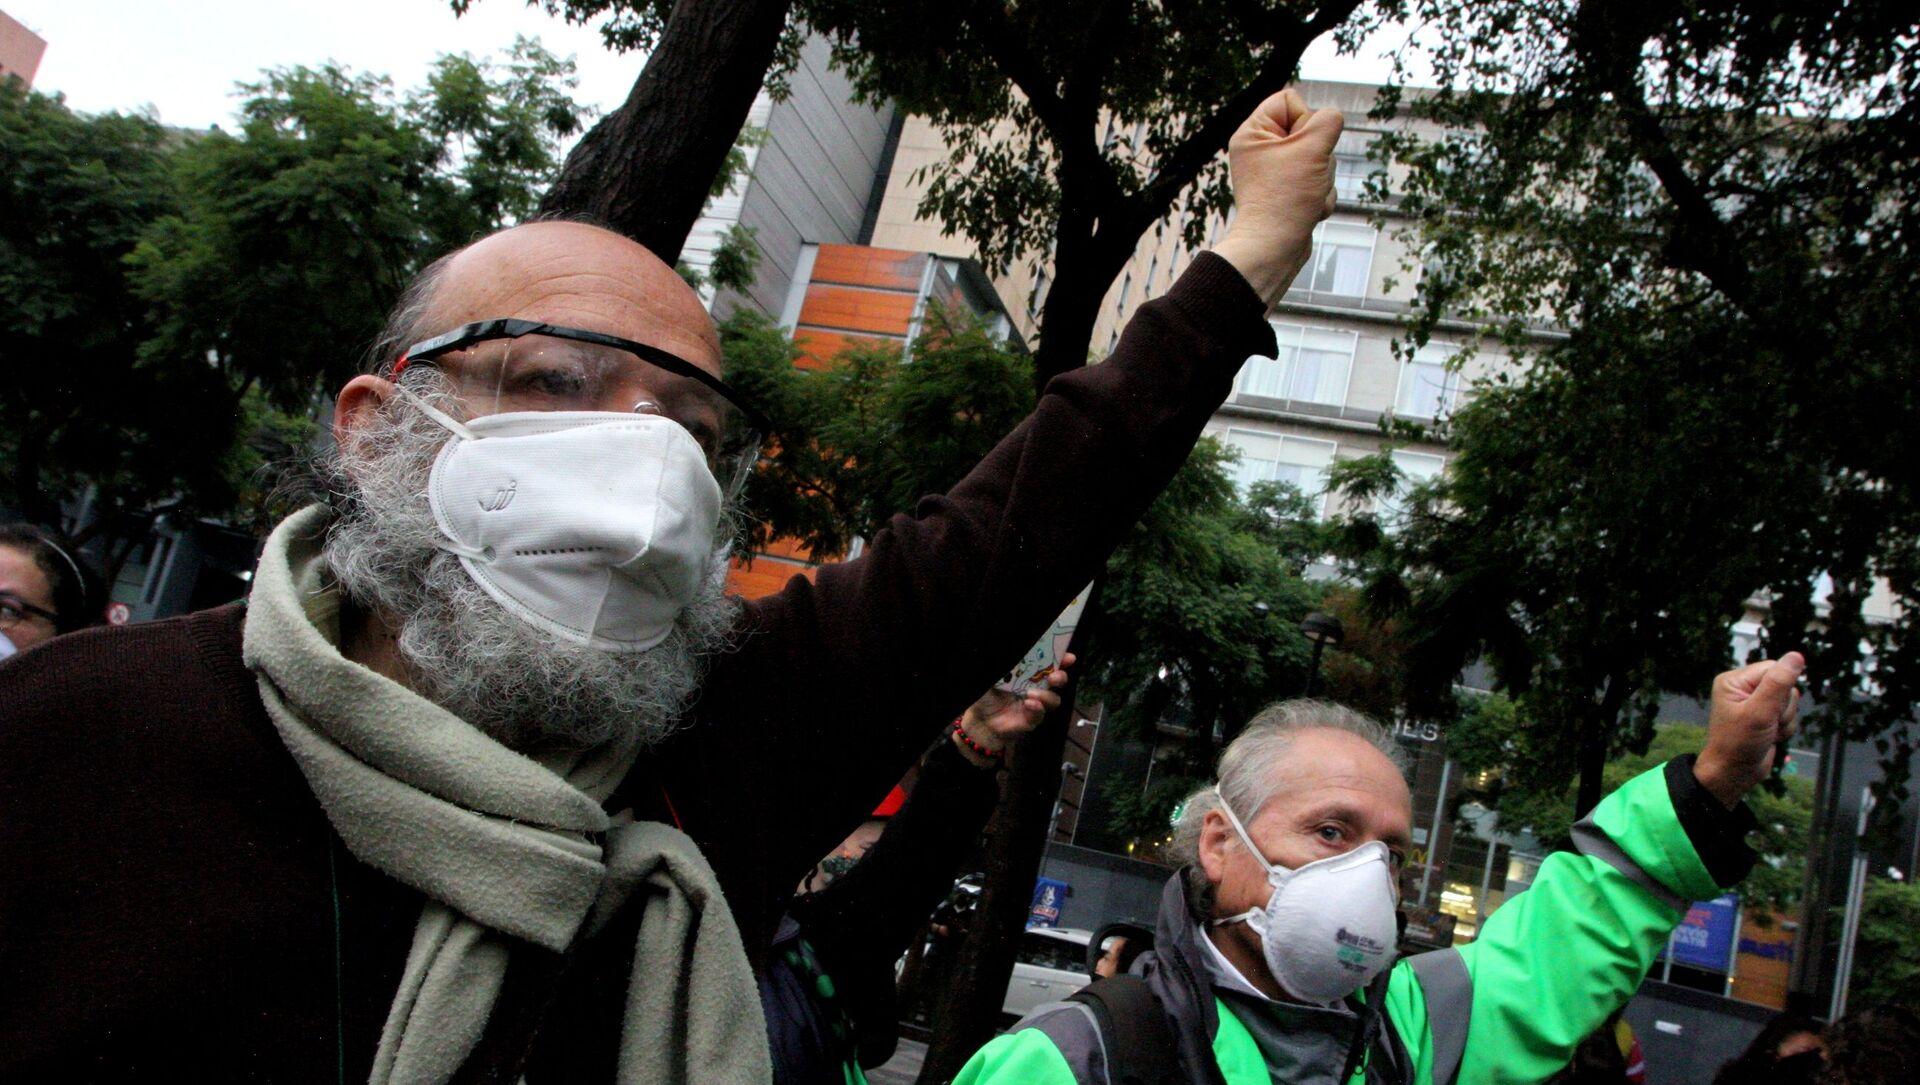 Jaime Rello, del Movimiento Urbano Popular, durante la conmemoración de los sismos de 1985 y 2017 en la plaza de la Solidaridad - Sputnik Mundo, 1920, 19.09.2020